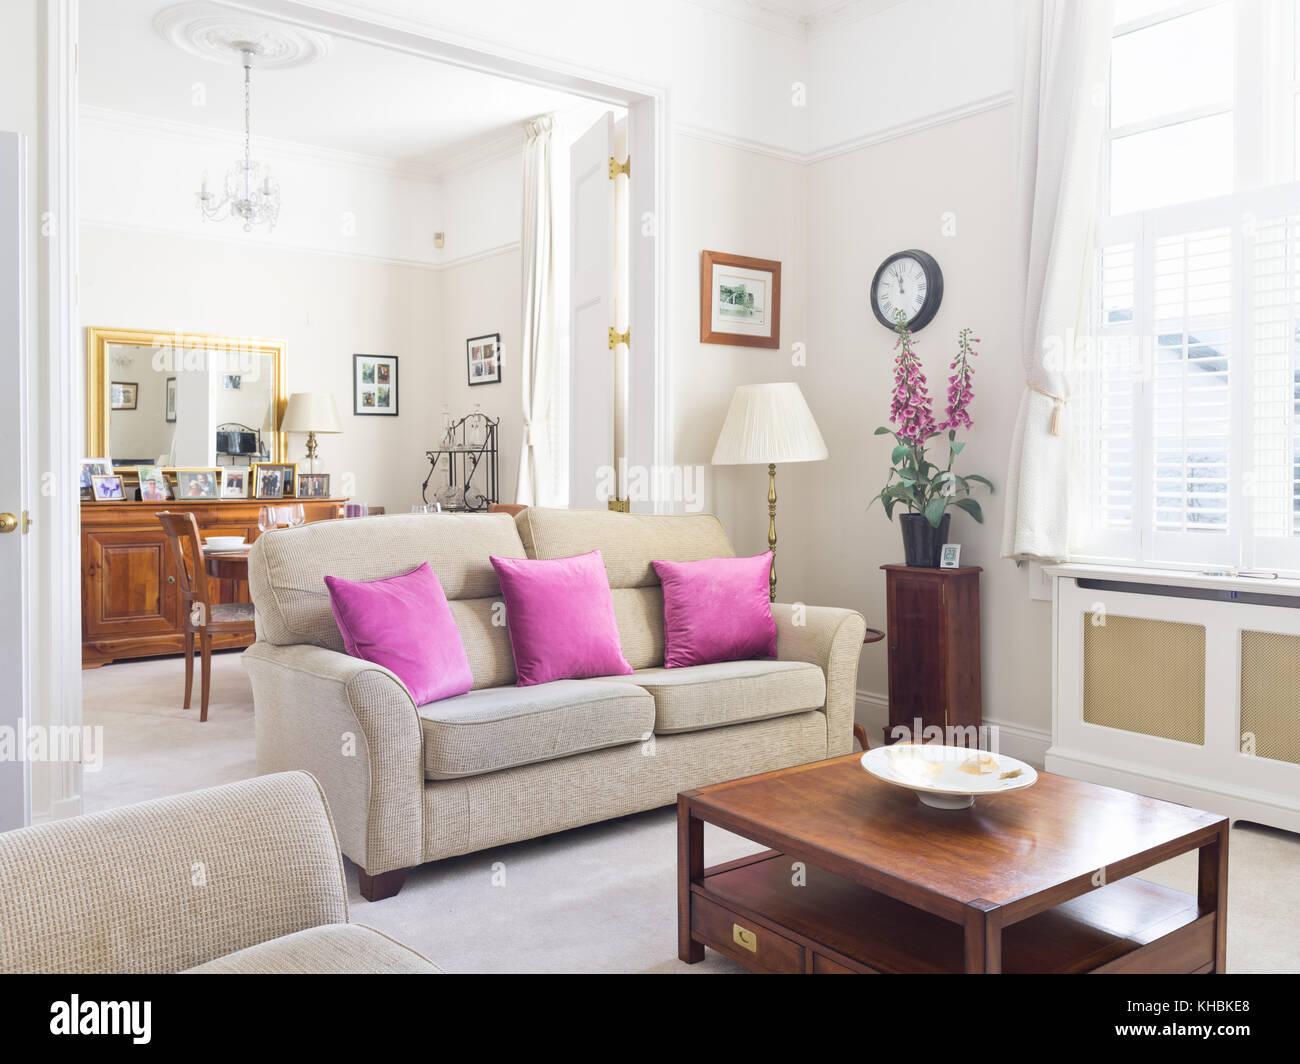 Eine Frische, Leichte, Traditionelle Und Zugleich Moderne Wohnzimmer Mit  Blick In Den Essbereich. Mit Sofa, Couchtisch Und Standard Lampe  Ausgestattet.